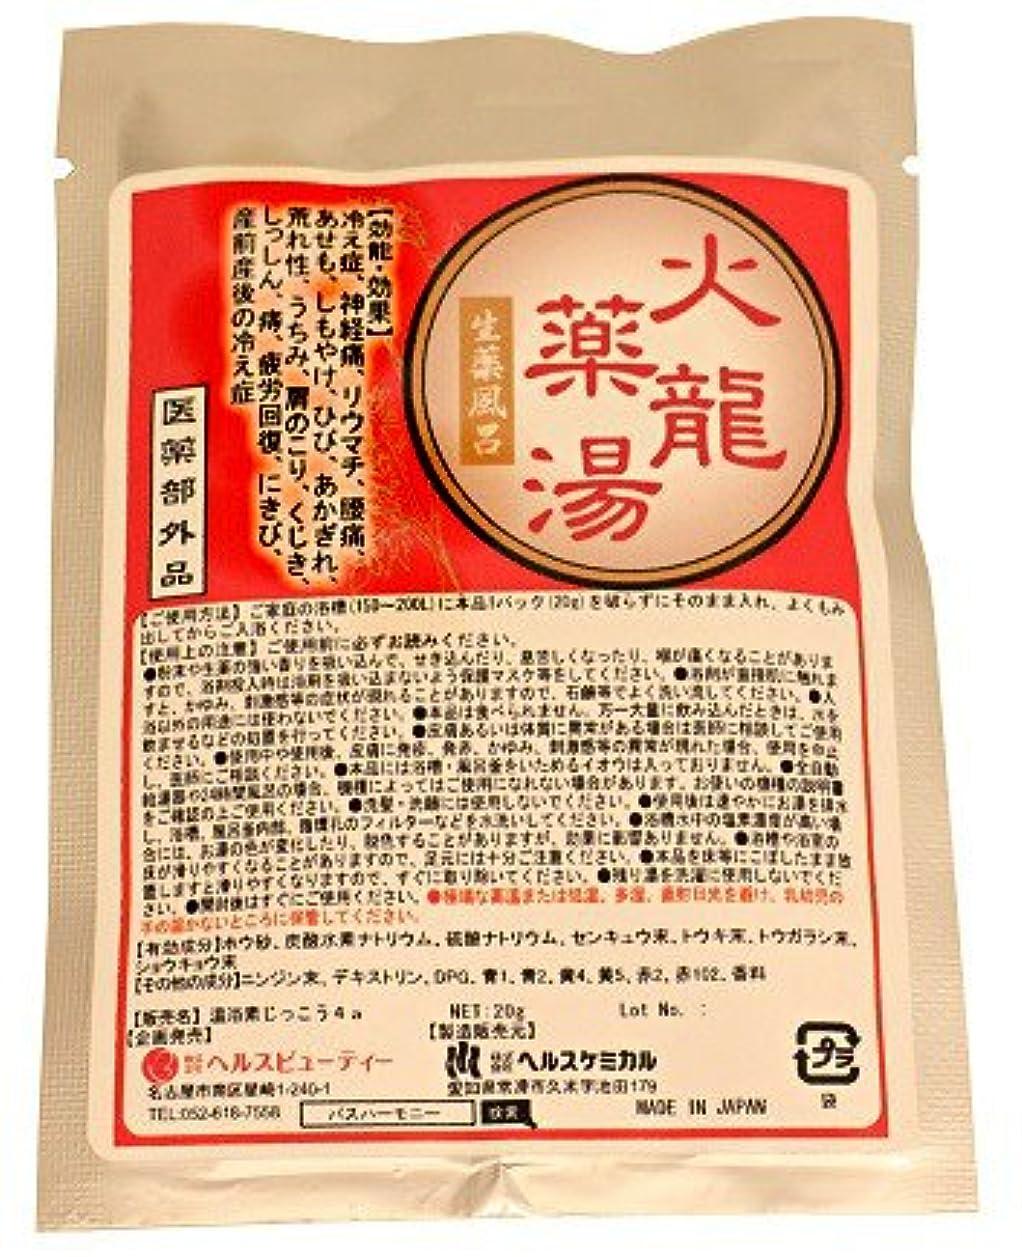 フォームクリエイティブ虎火龍 薬湯 分包 タイプ 1回分 生薬 薬湯 天然生薬 の 香り 医薬部外品